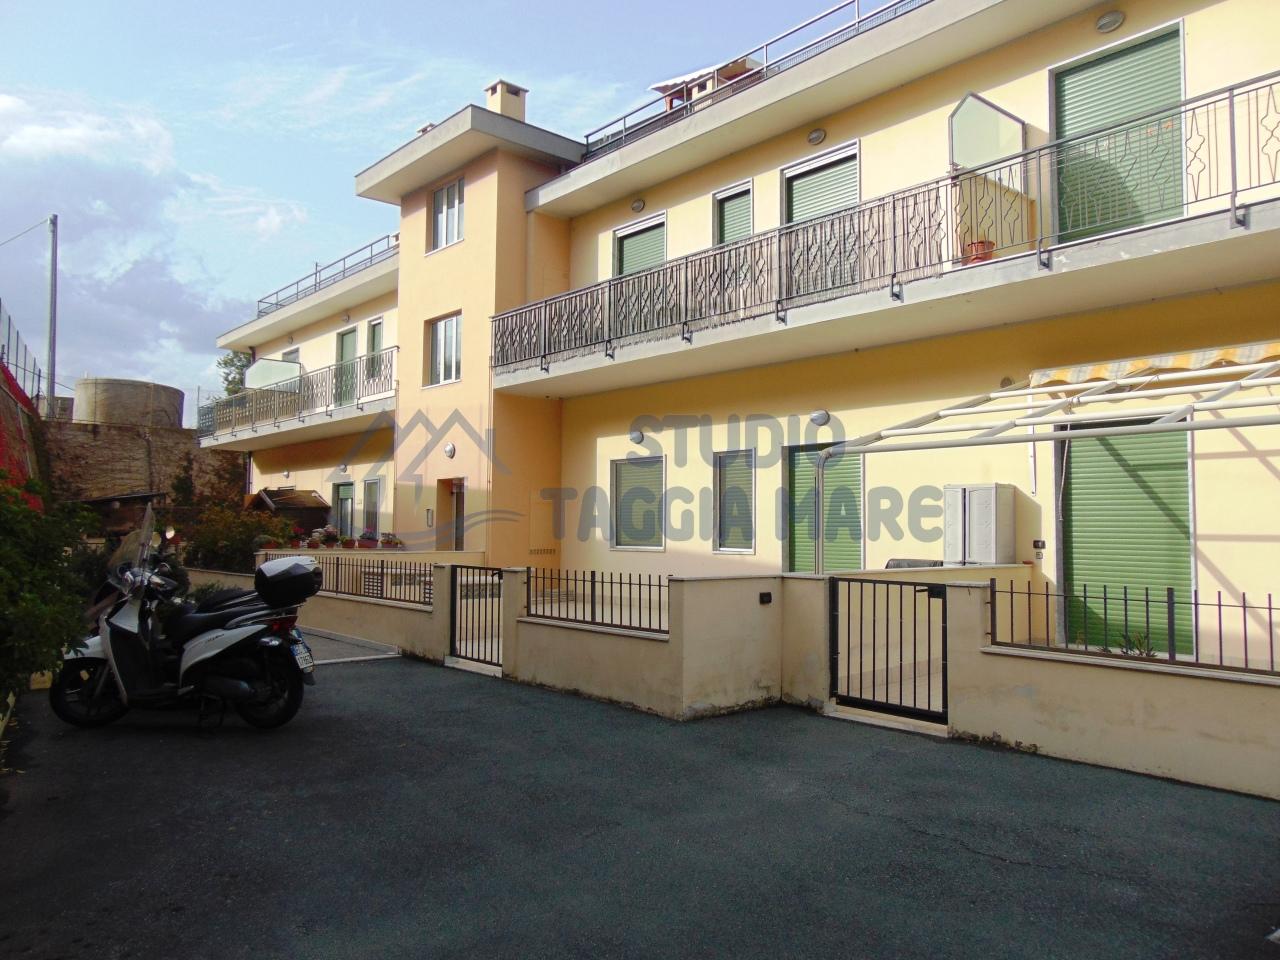 Appartamento in vendita a Santo Stefano al Mare, 3 locali, prezzo € 239.000 | Cambio Casa.it